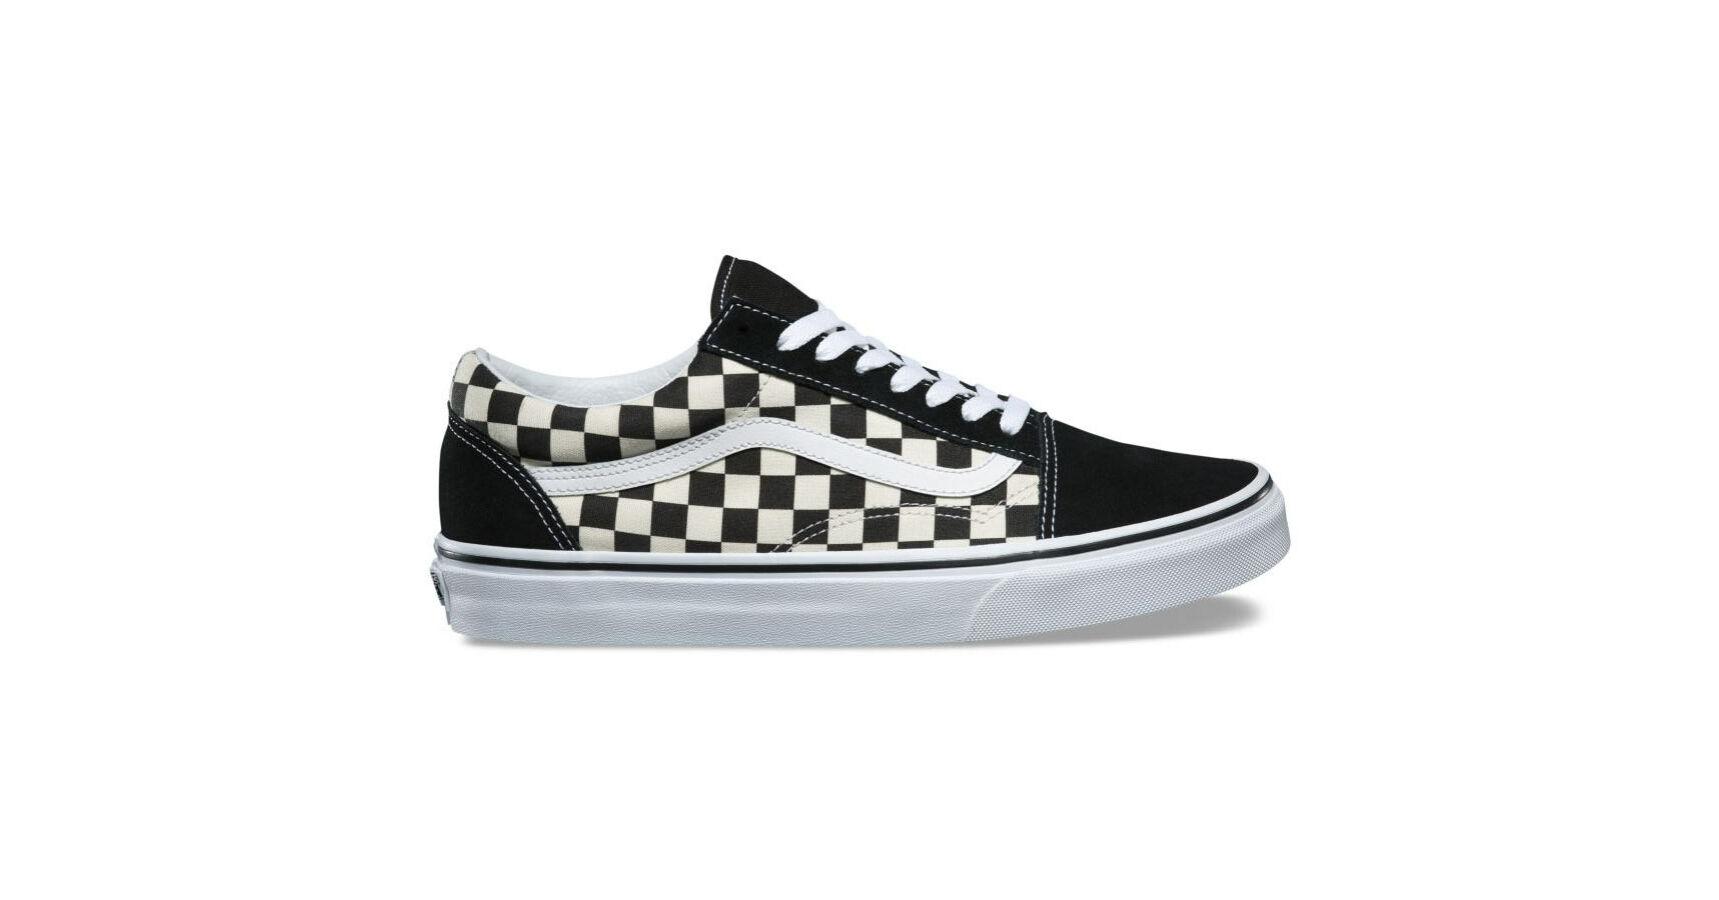 Vans Old Skool (Primary Check) Blk White | Footshop